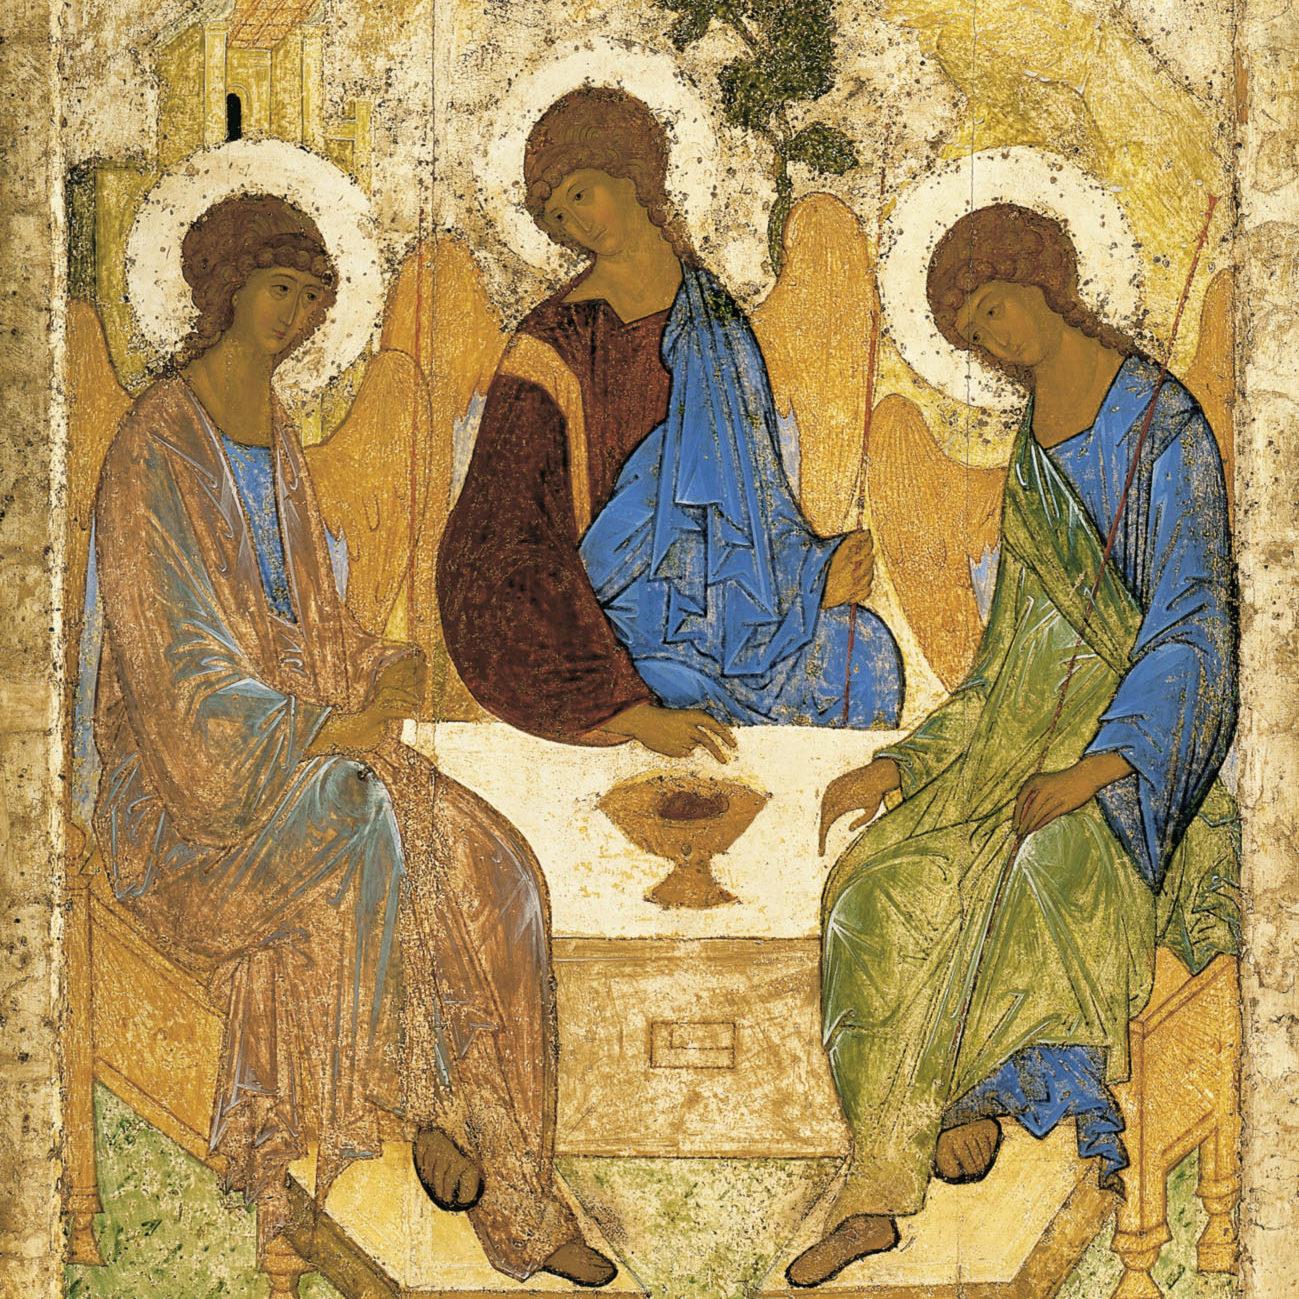 神学讲座 | 三一论04:三一论对福音的塑造,问题解答(二)